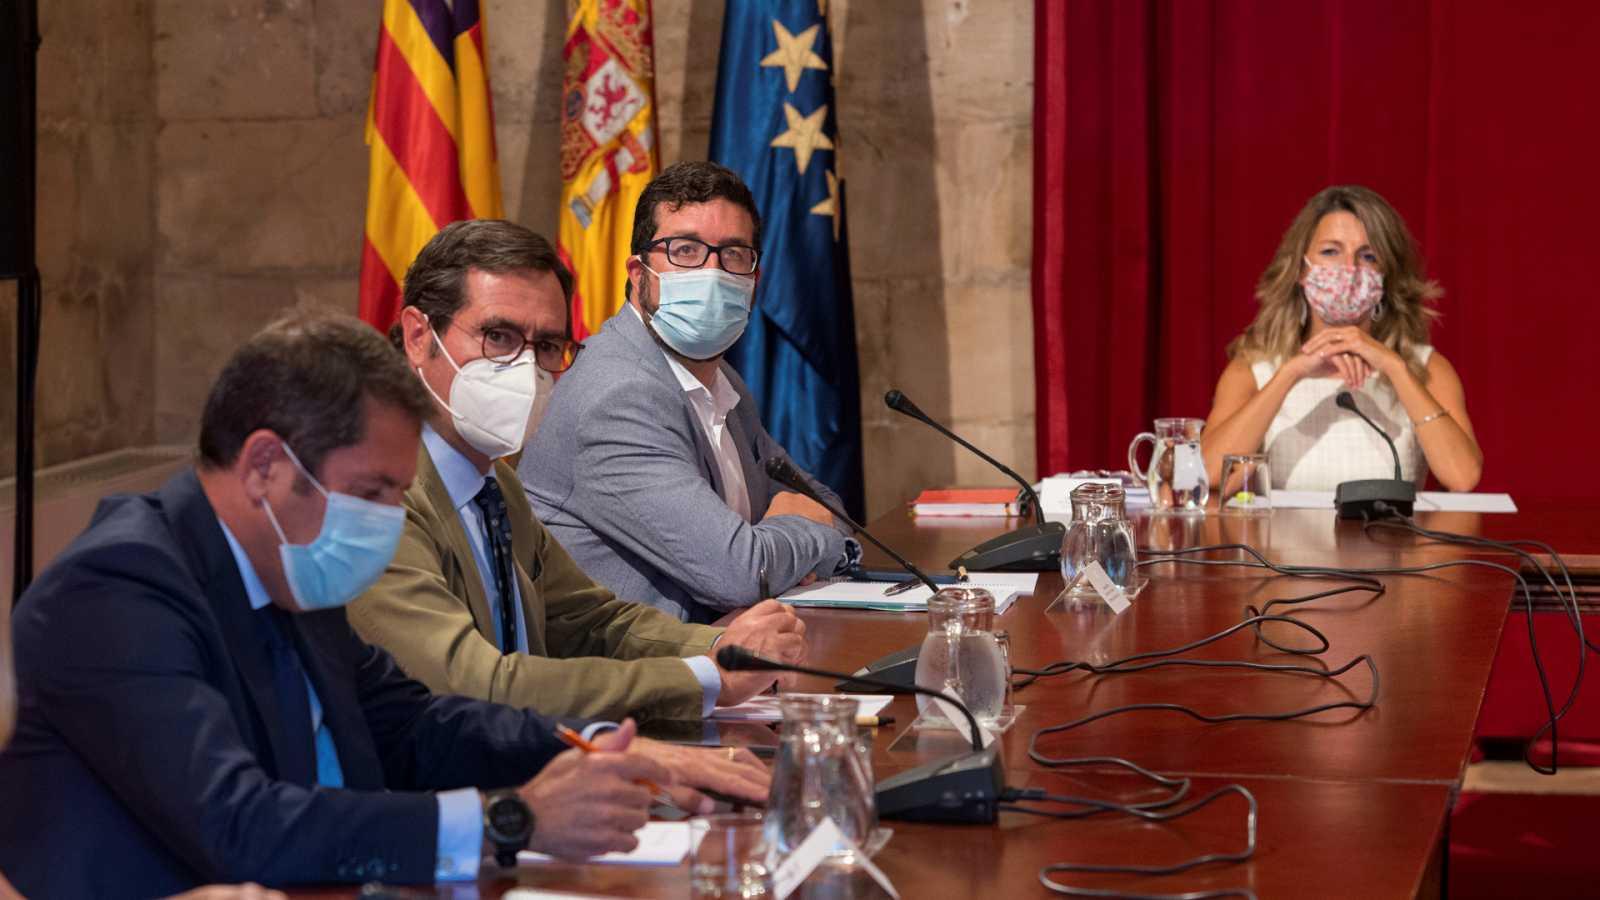 Boletines RNE - La CEOE apoya el acuerdo entre sindicatos y Gobierno para prorrogar los ERTE hasta el 31 de enero - Escuchar ahora